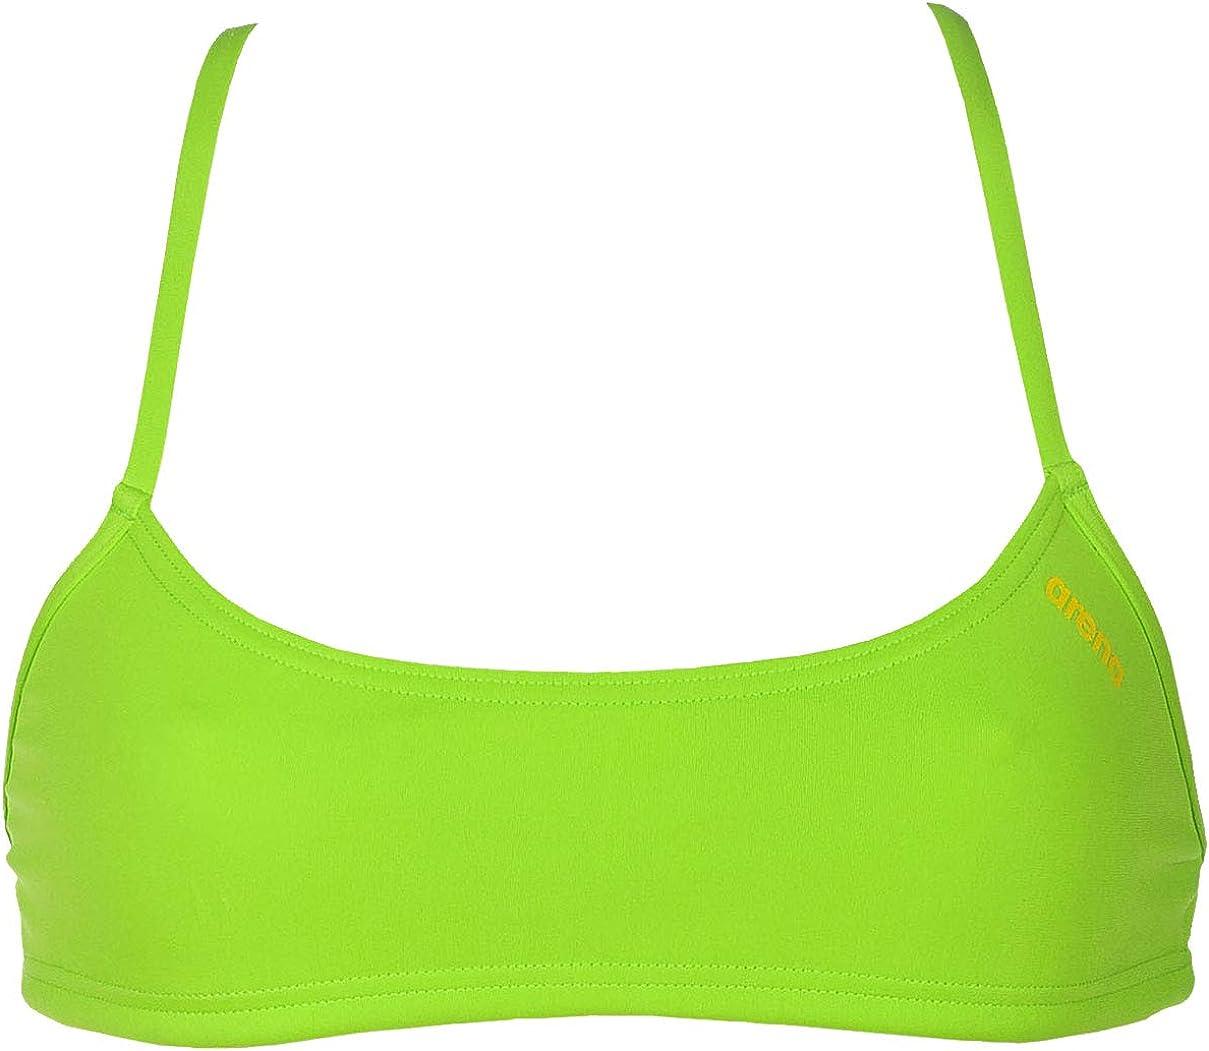 ARENA/ Donna /Formazione Bandeau Play per athletinnen Reggiseno Bikini Damen Trainings Bikinioberteil Bandeau Play f/ür Athletinnen